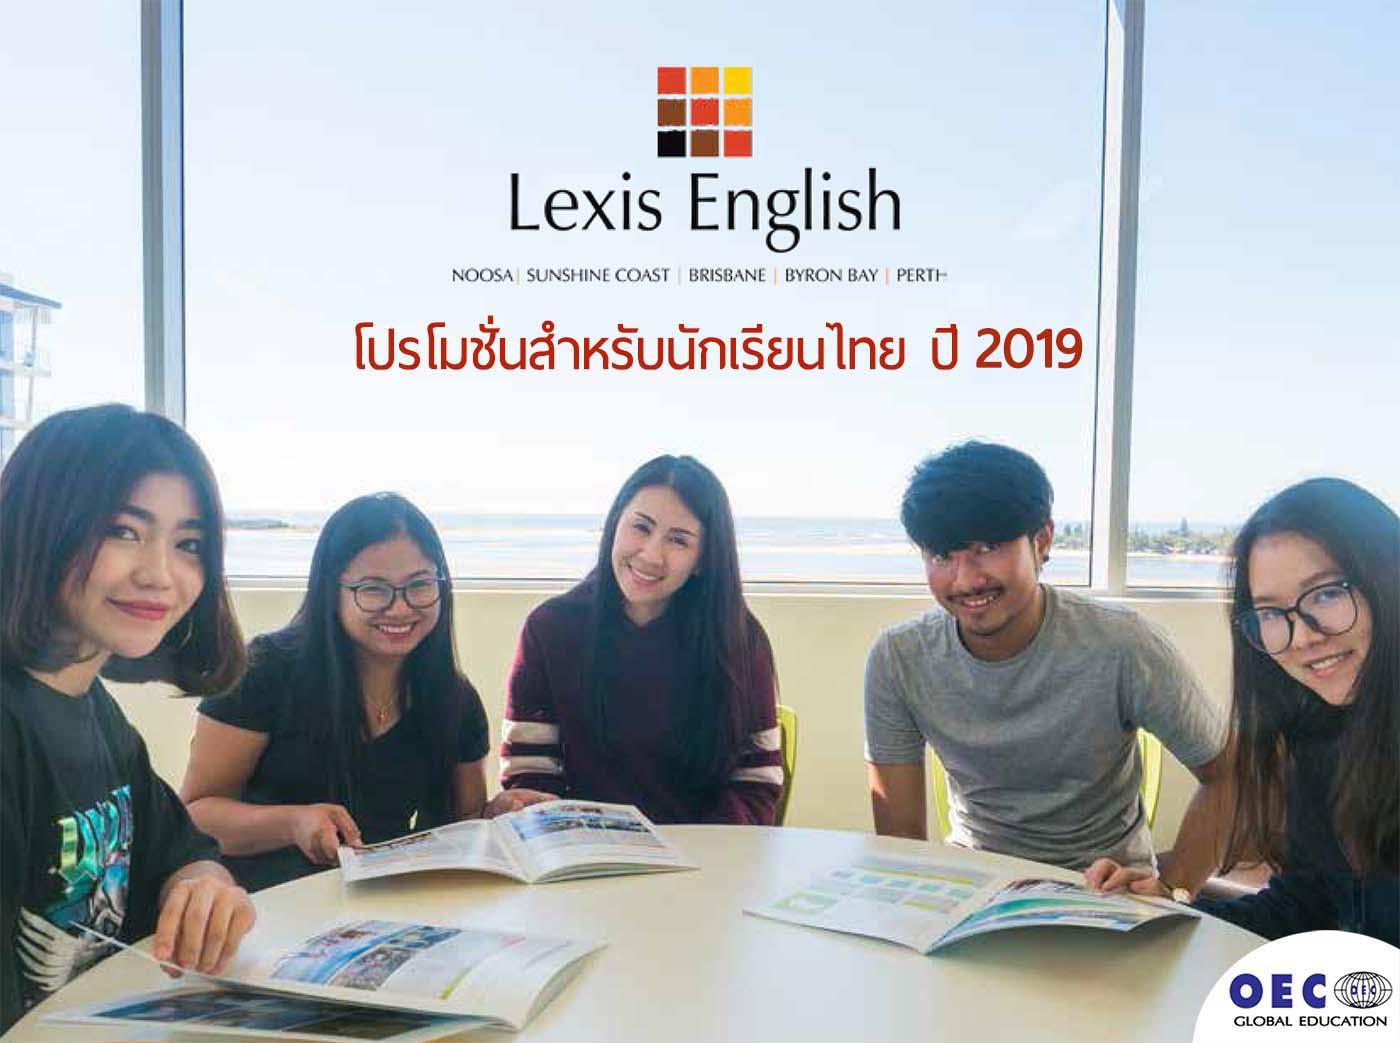 โปรโมชั่นเรียนภาษาที่ Lexis English ออสเตรเลีย